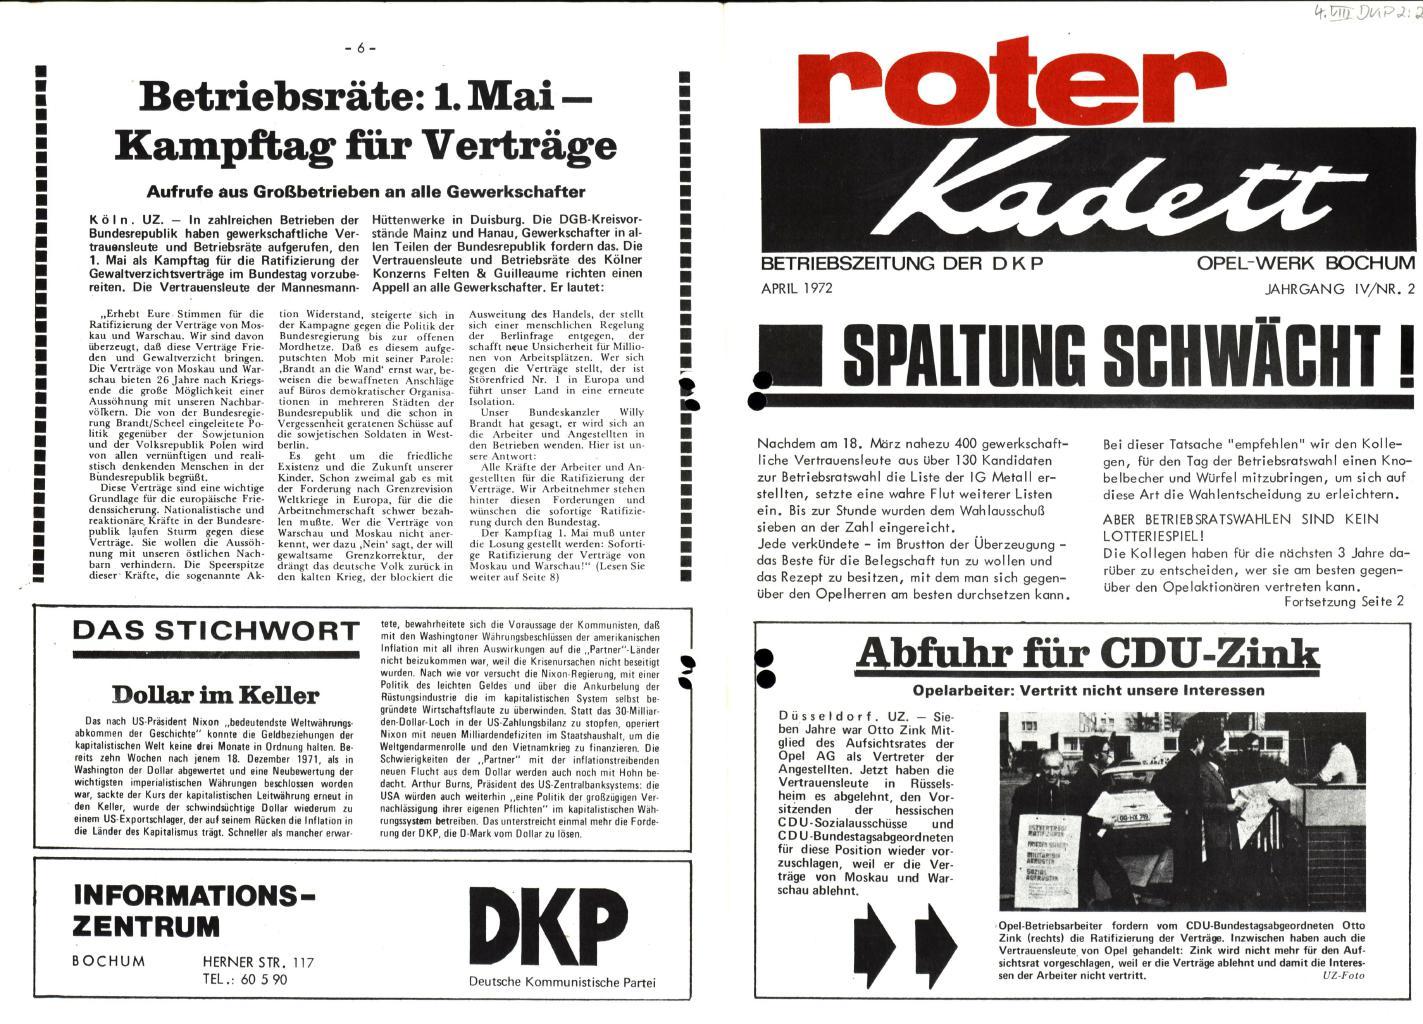 Bochum_Opel_Roter_Kadett_19720400_01